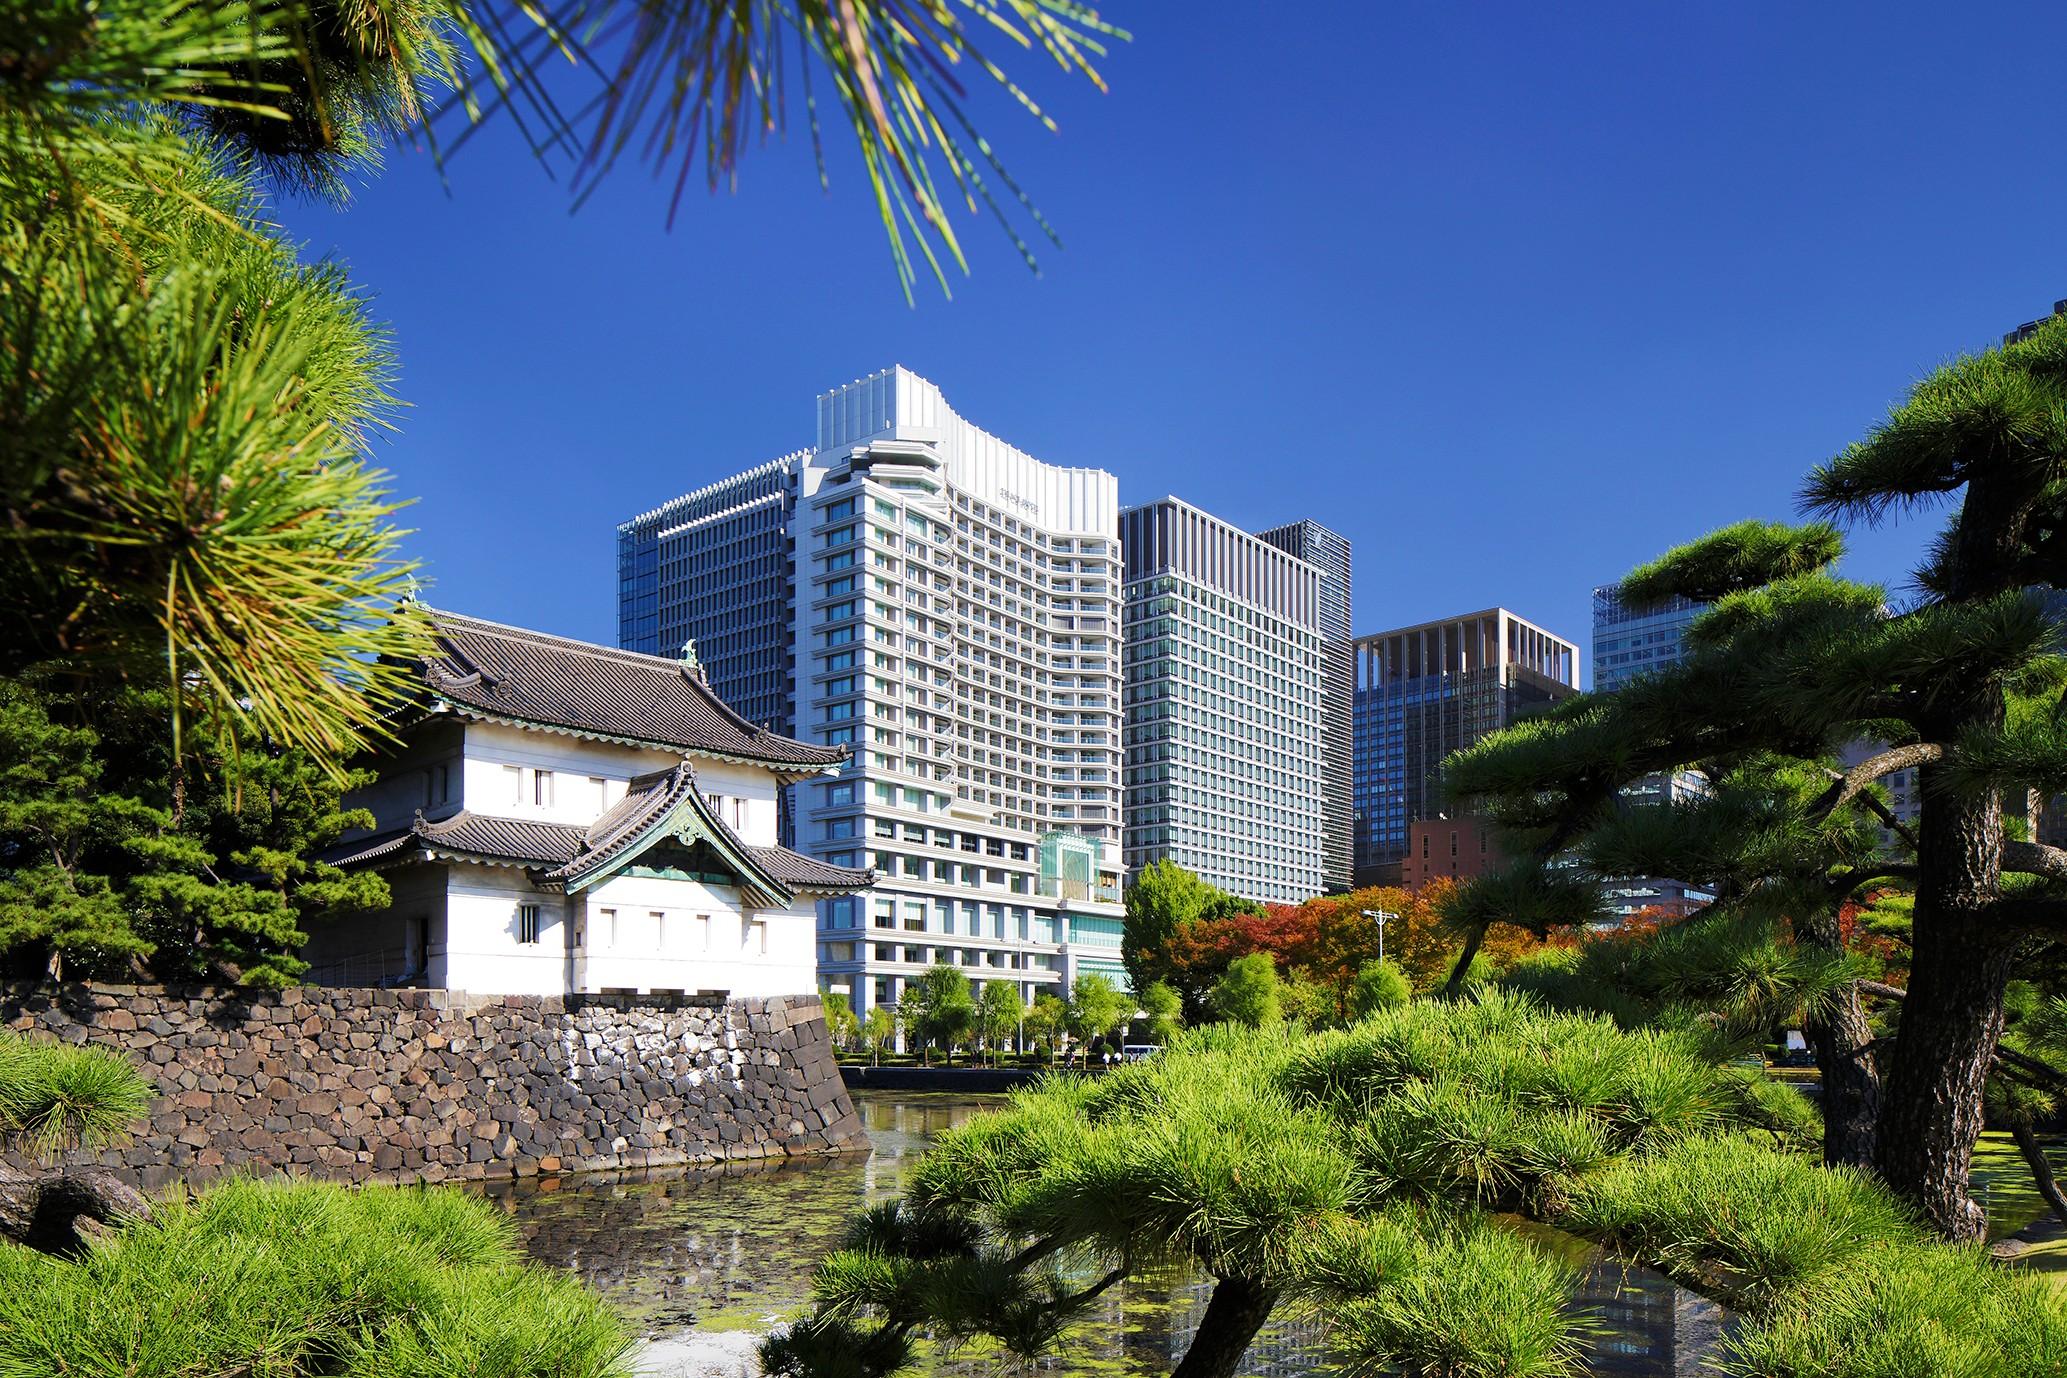 东京采取最严密健康措施确保旅客安全